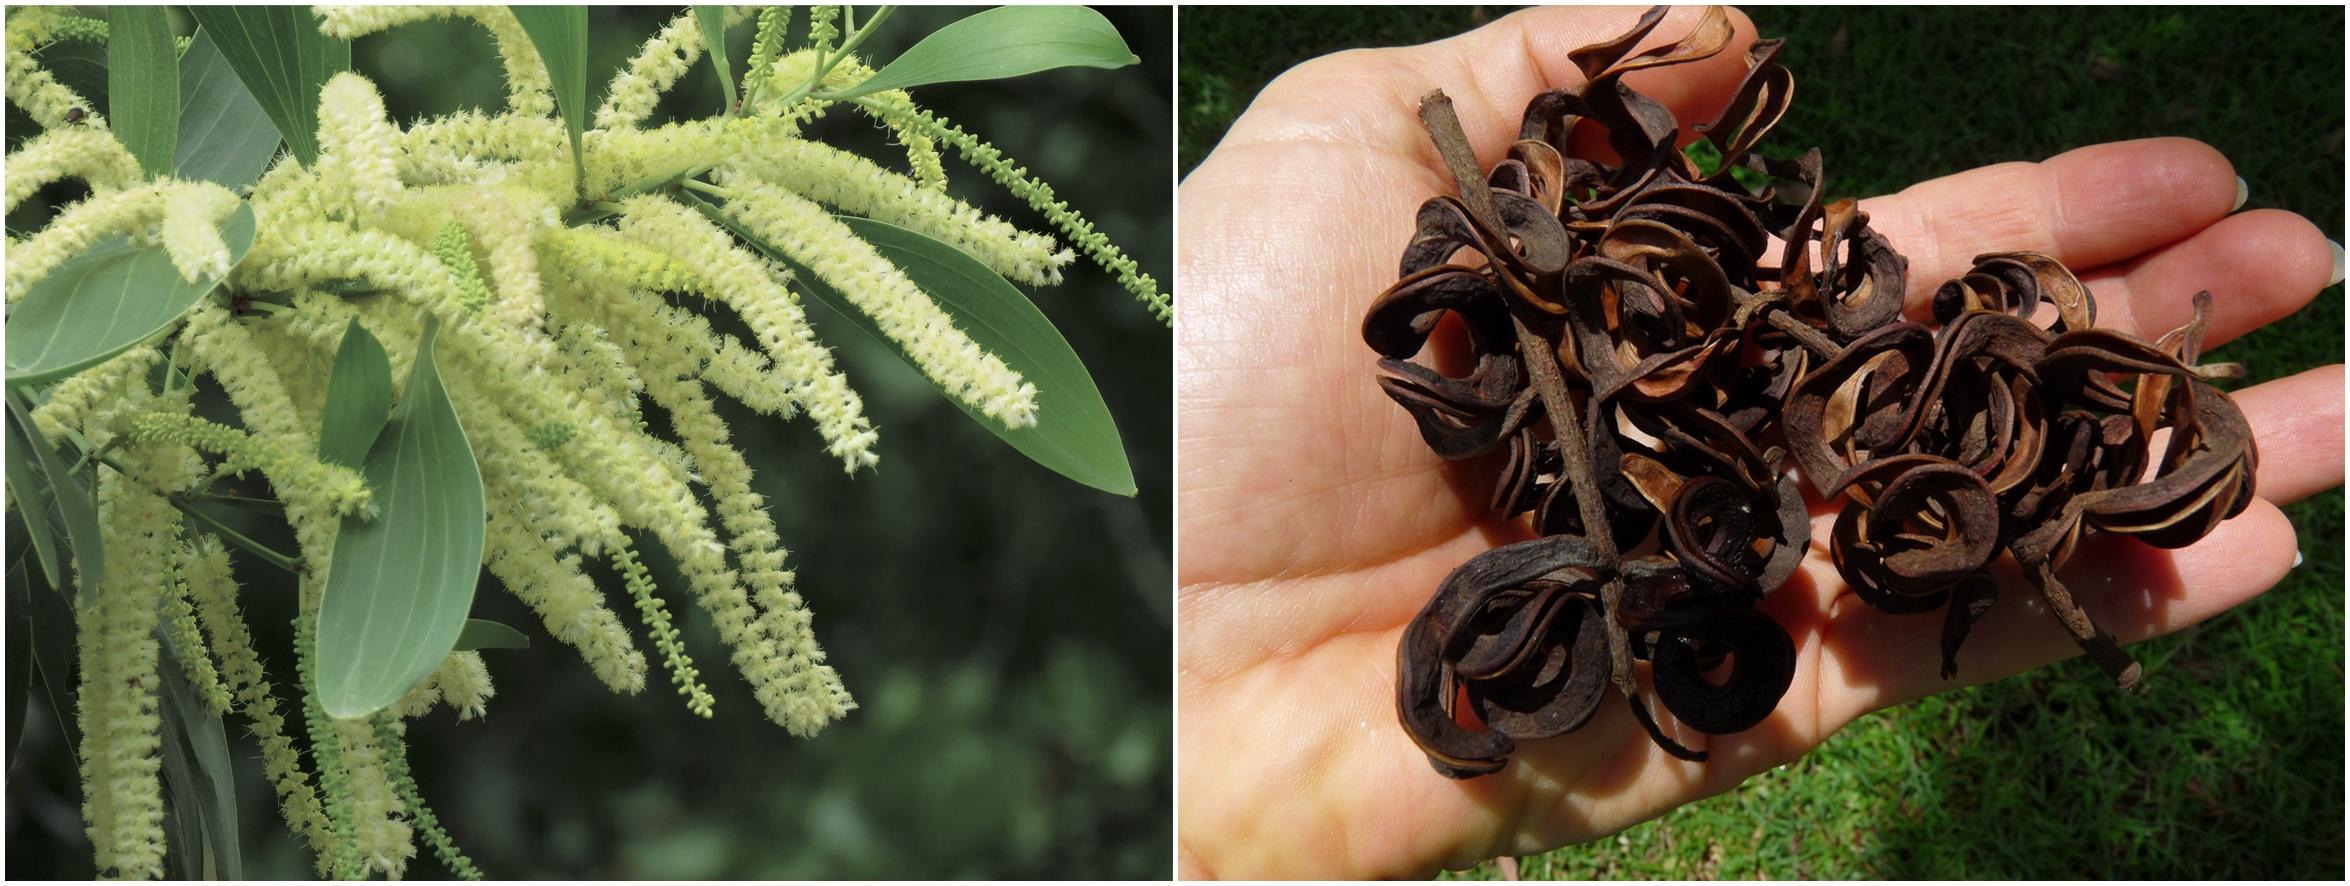 Links: Der Blütenstand der Akazie. Daneben die gekringelten Samen